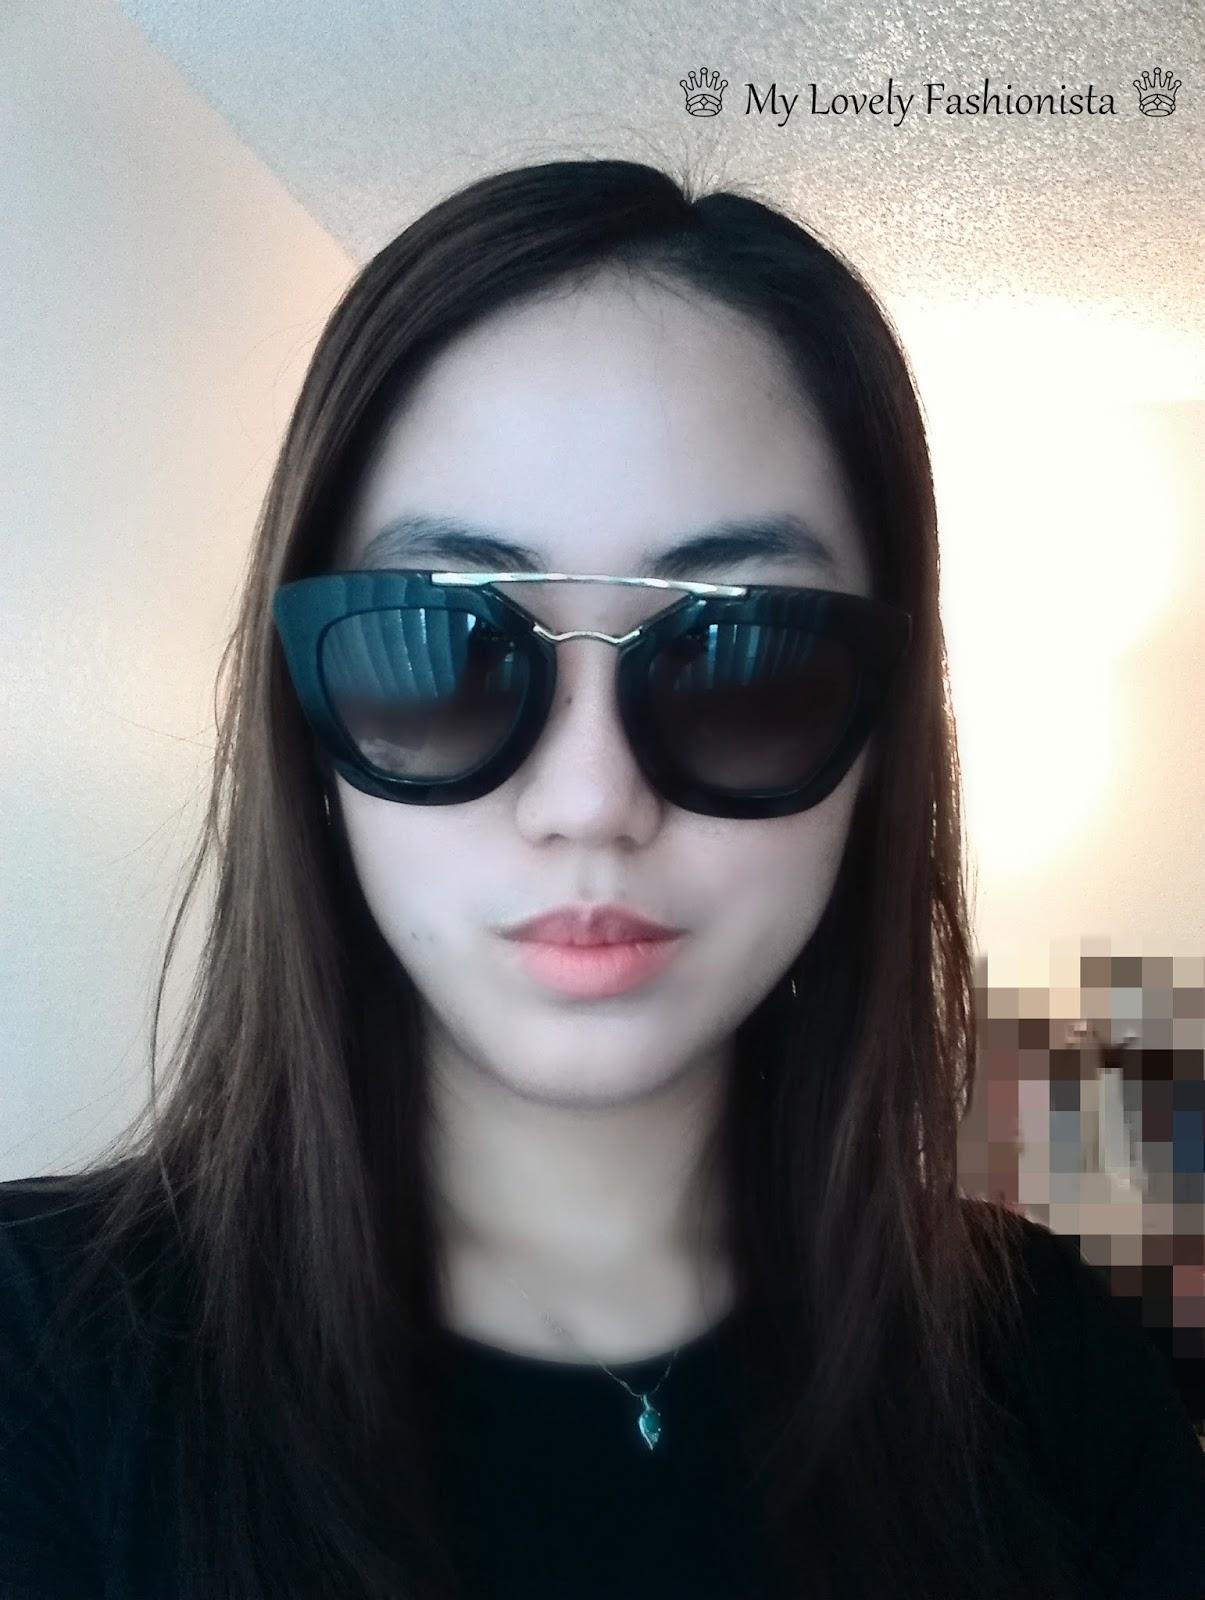 Prada Cat Eye Sunglasses - ♕ My Lovely Fashionista ♕